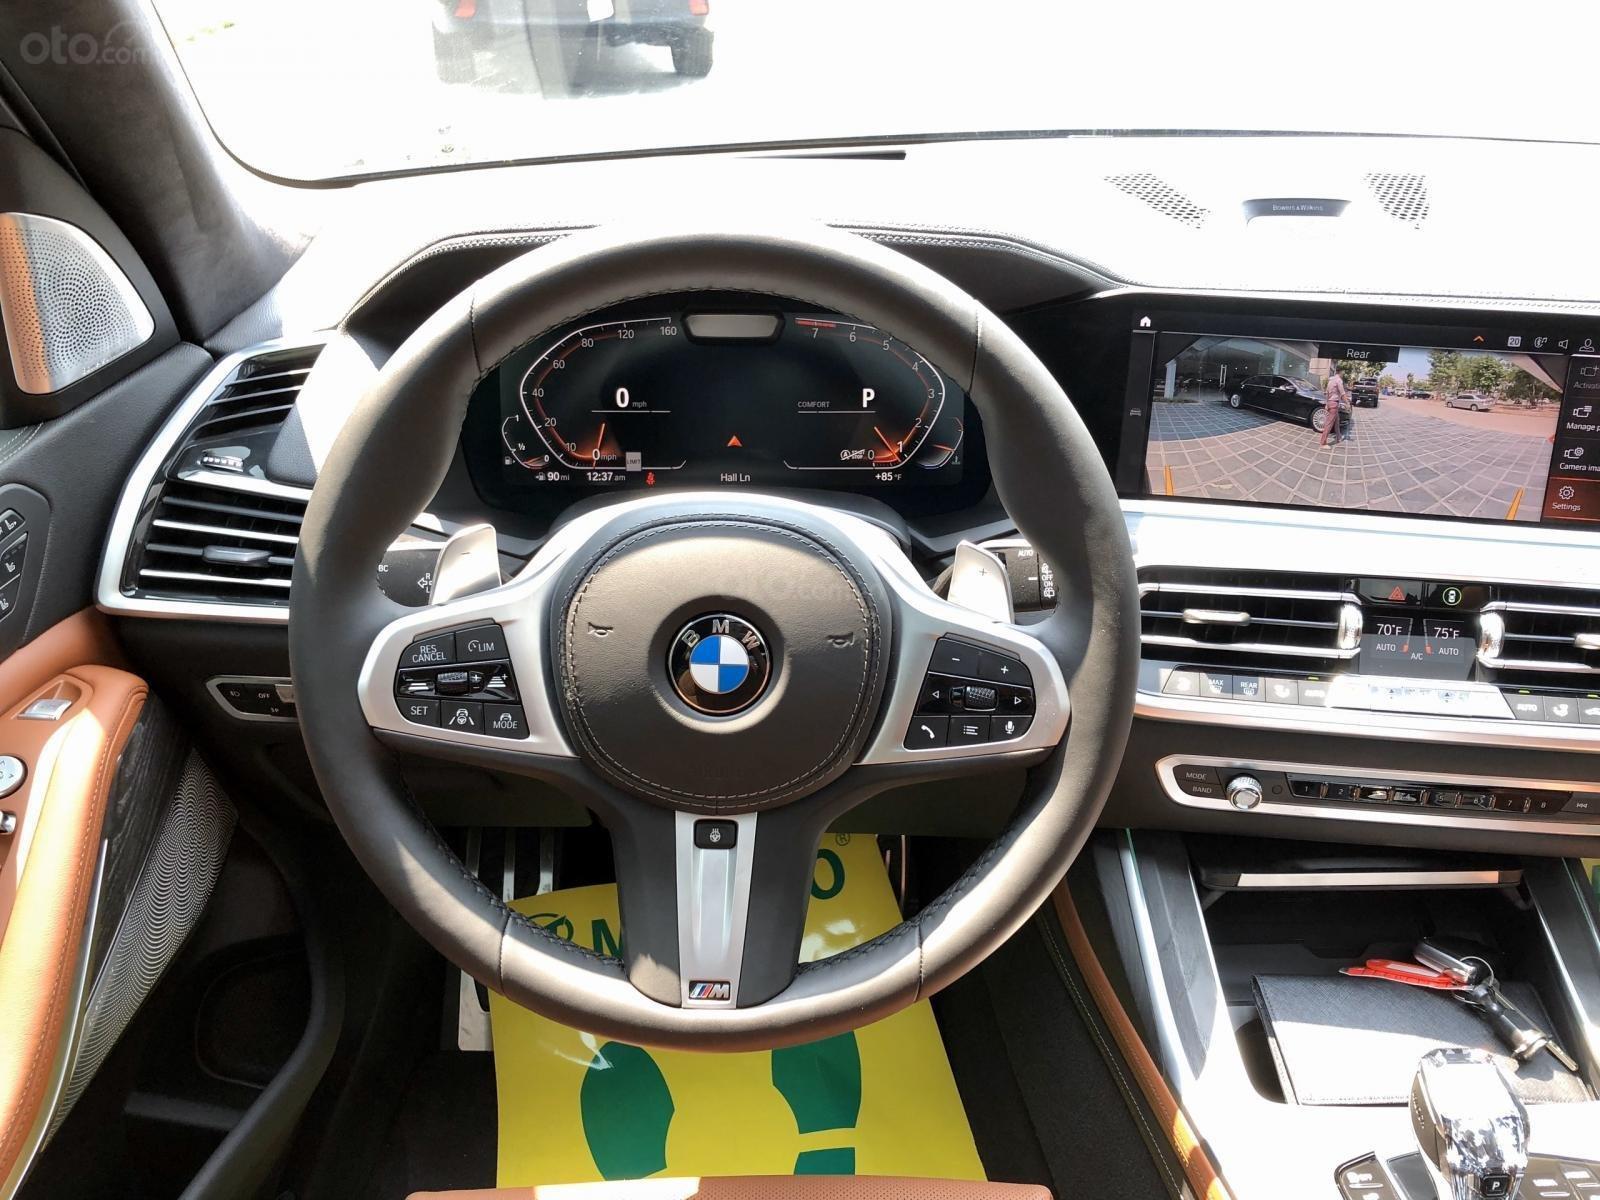 Bán BMW X7 XDrive40i M-Sport sản xuất năm 2019 full kịch option, màu đen, xe nhập Mỹ, LH 0982.84.2838 (10)